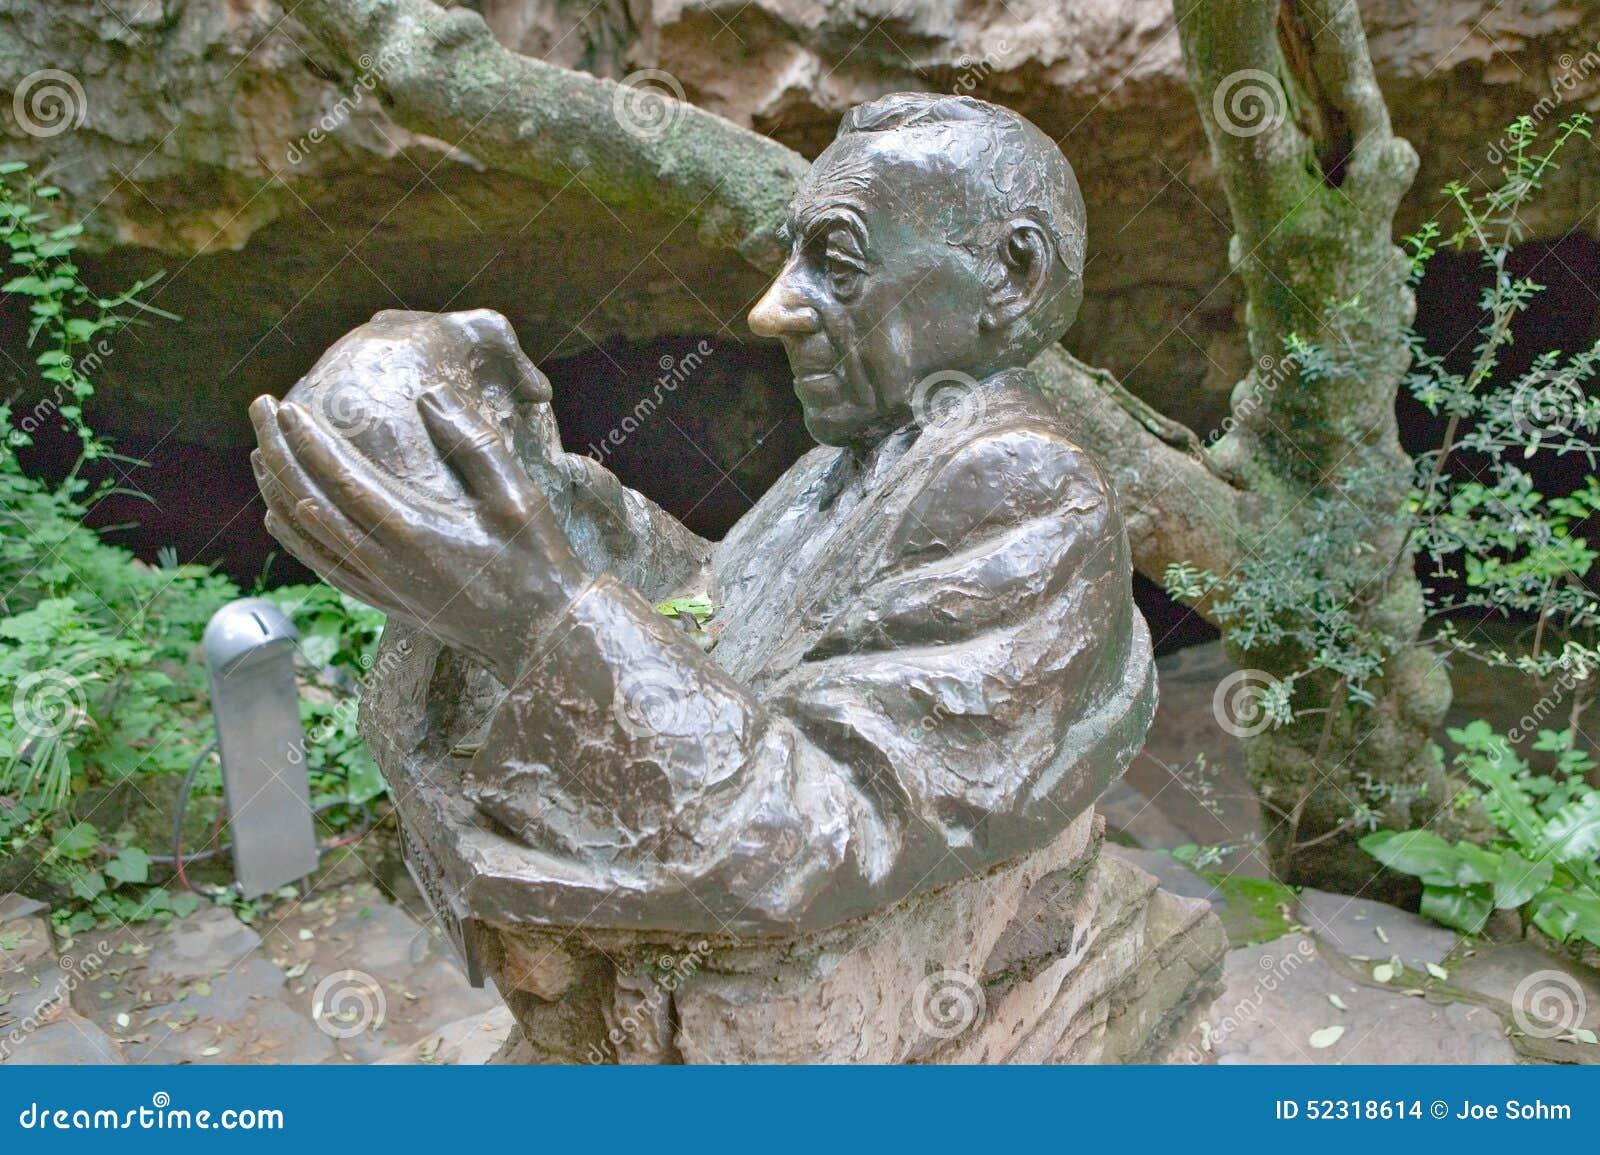 Статуя Д-р Роберта Веника смотря 2 8 миллионов годовалый череп Госпожи Ples на вашгерде человечества, месте всемирного наследия в